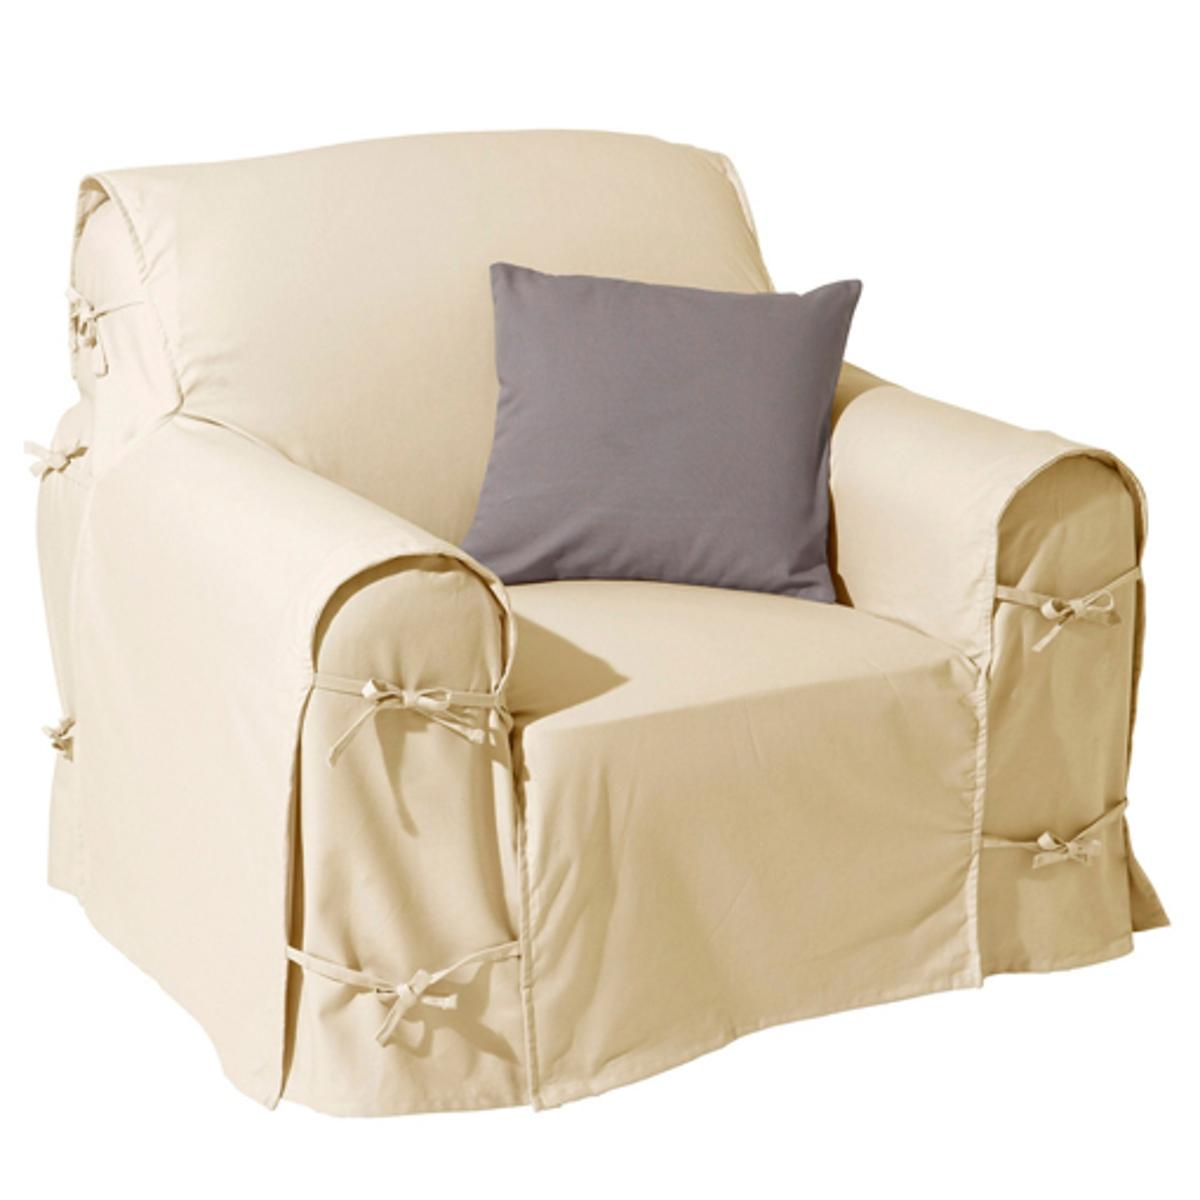 Чехол для креслаХарактеристики чехла для кресла:- Практичный чехол для кресла регулируется завязками. - Красивая плотная ткань из 100% хлопка (220 г/м?).- Обработка против пятен.- Простой уход: стирка при 40°, превосходная стойкость цвета.Размеры чехла для кресла:- Общая высота: 102 см.- Максимальная ширина: 80 см.- Глубина сидения: 60 см.- Высота подлокотников: 66 см.Качество VALEUR S?RE. Производство осуществляется с учетом стандартов по защите окружающей среды и здоровья человека, что подтверждено сертификатом Oeko-tex®.<br><br>Цвет: белый,медовый,облачно-серый,рубиново-красный,серо-коричневый каштан,сине-зеленый,синий индиго,сливовый,черный,экрю<br>Размер: единый размер.единый размер